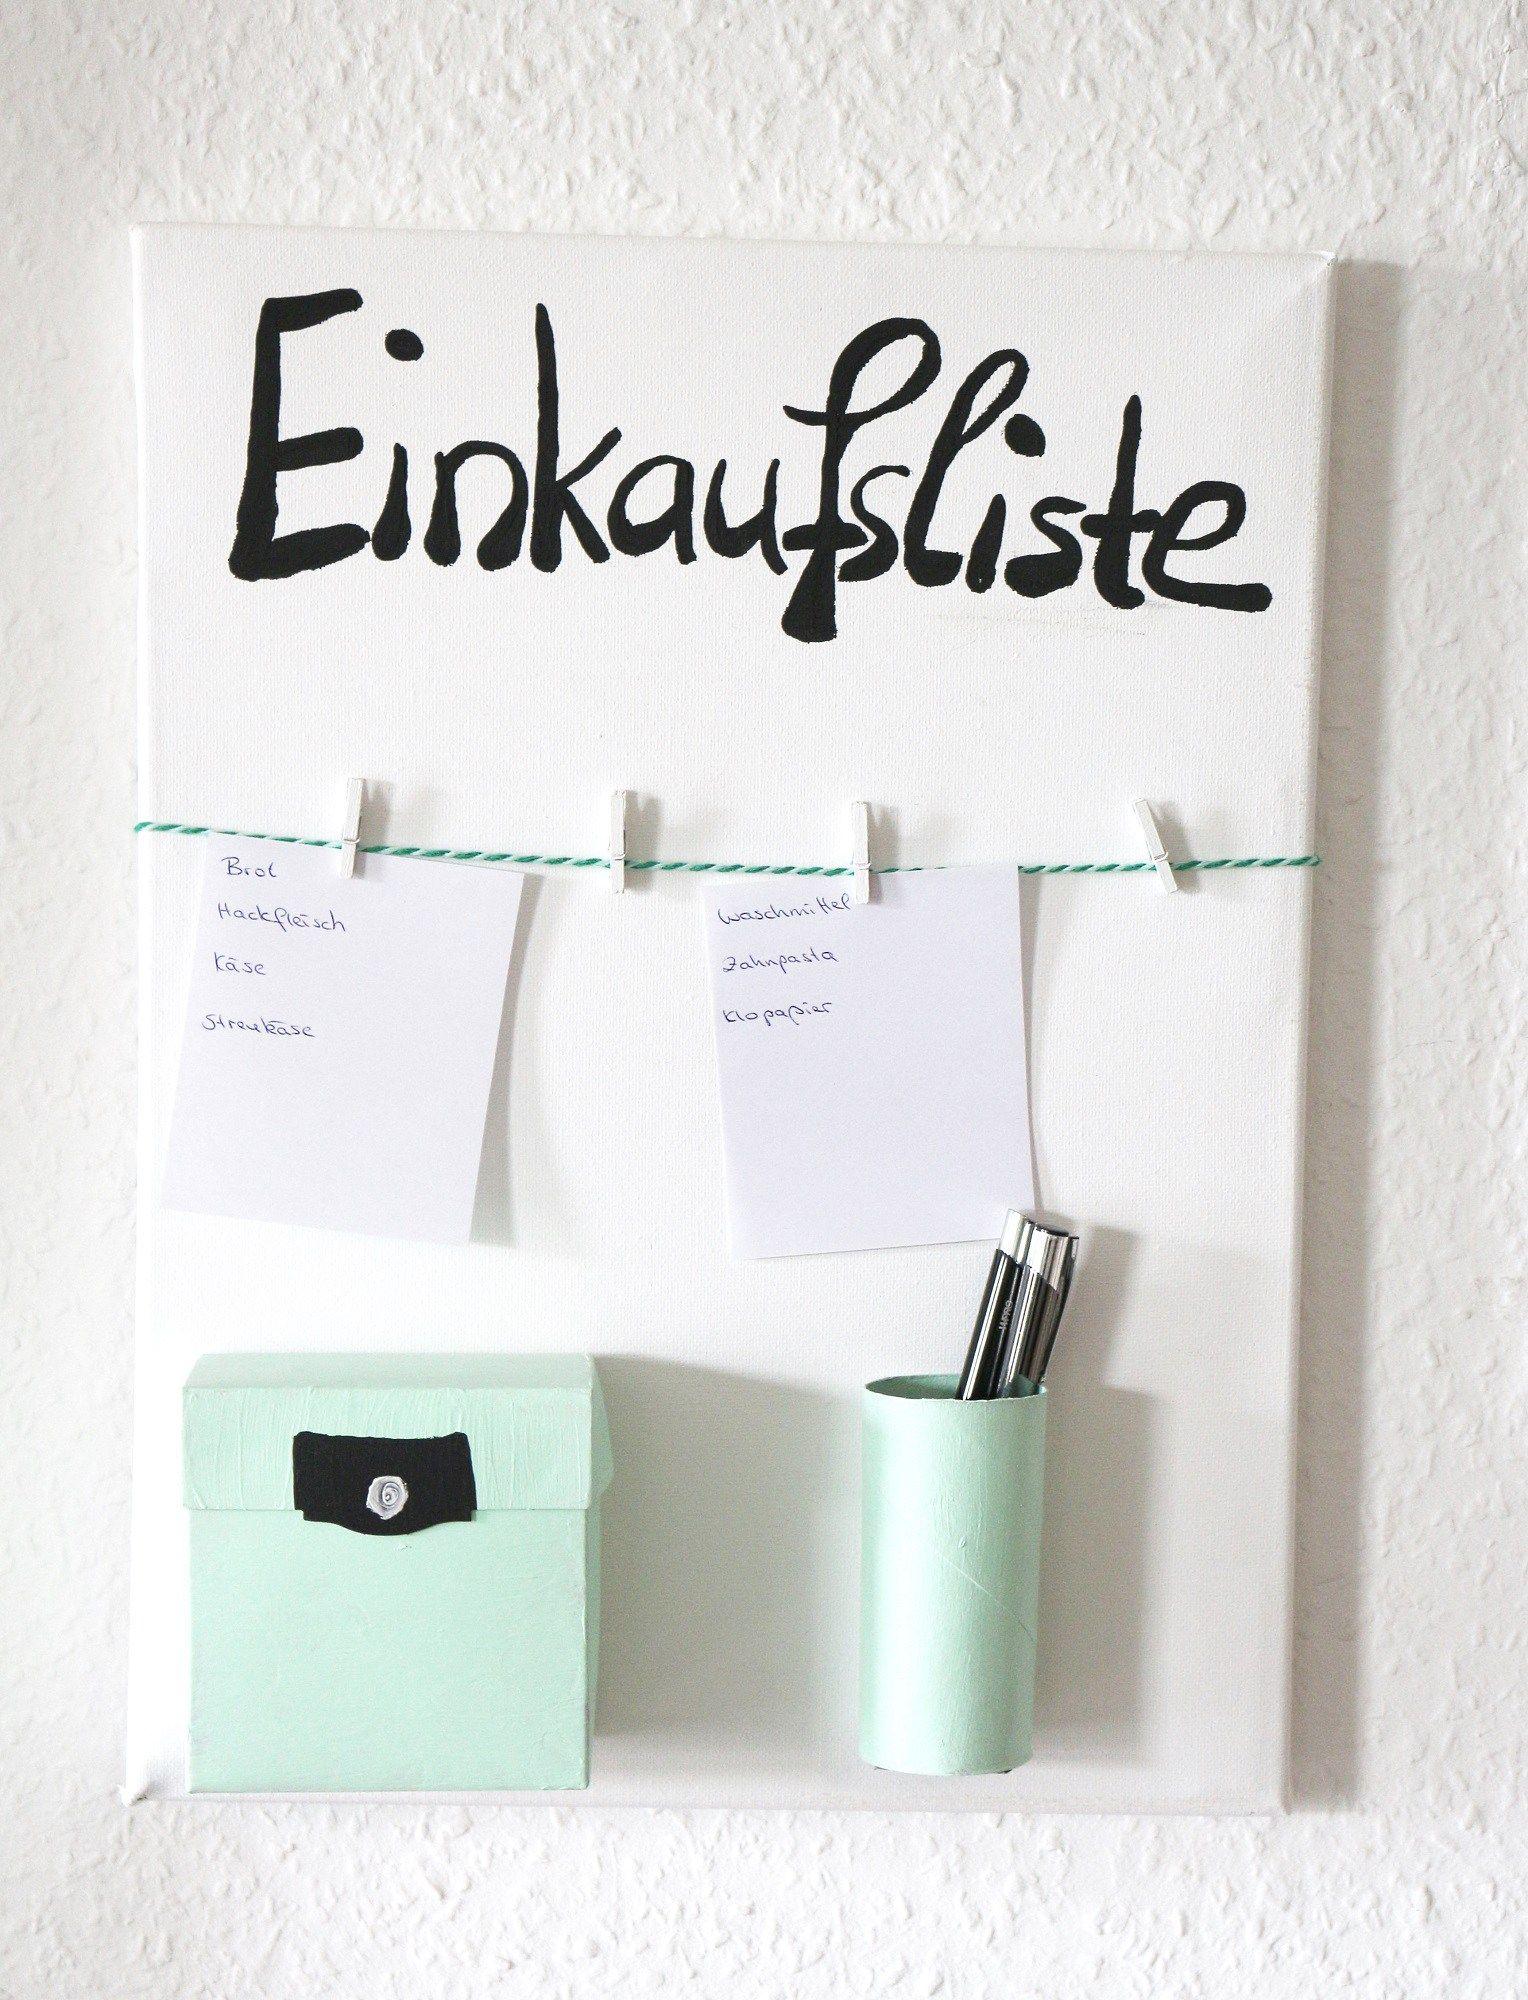 diy einkaufslisten organizer selber machen pinterest einkaufsliste organizer und haushalte. Black Bedroom Furniture Sets. Home Design Ideas